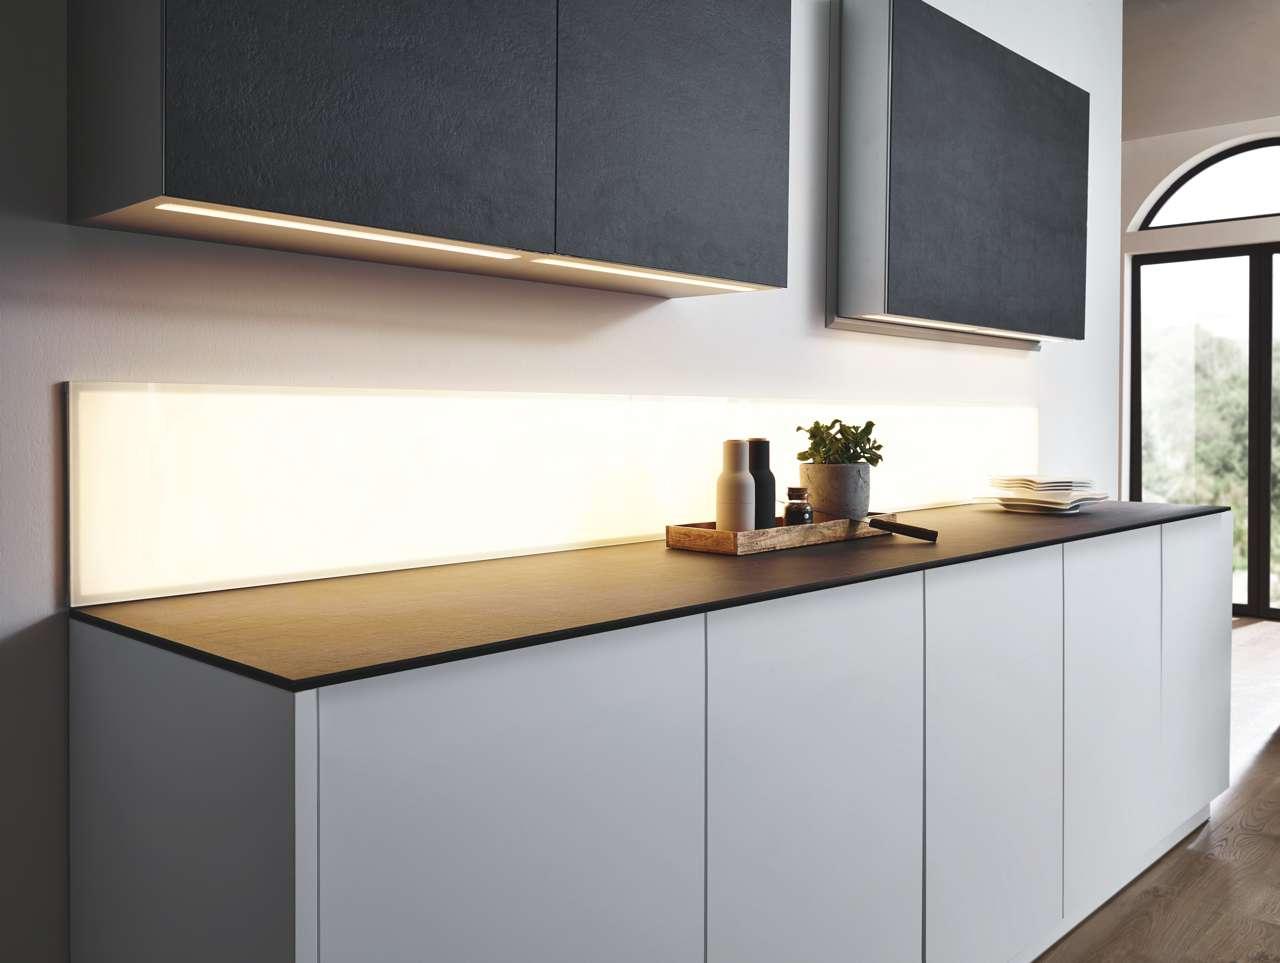 Outdoor Küche Rosenheim : Küchen licht led licht küche selber machen outdoor küche rosenheim